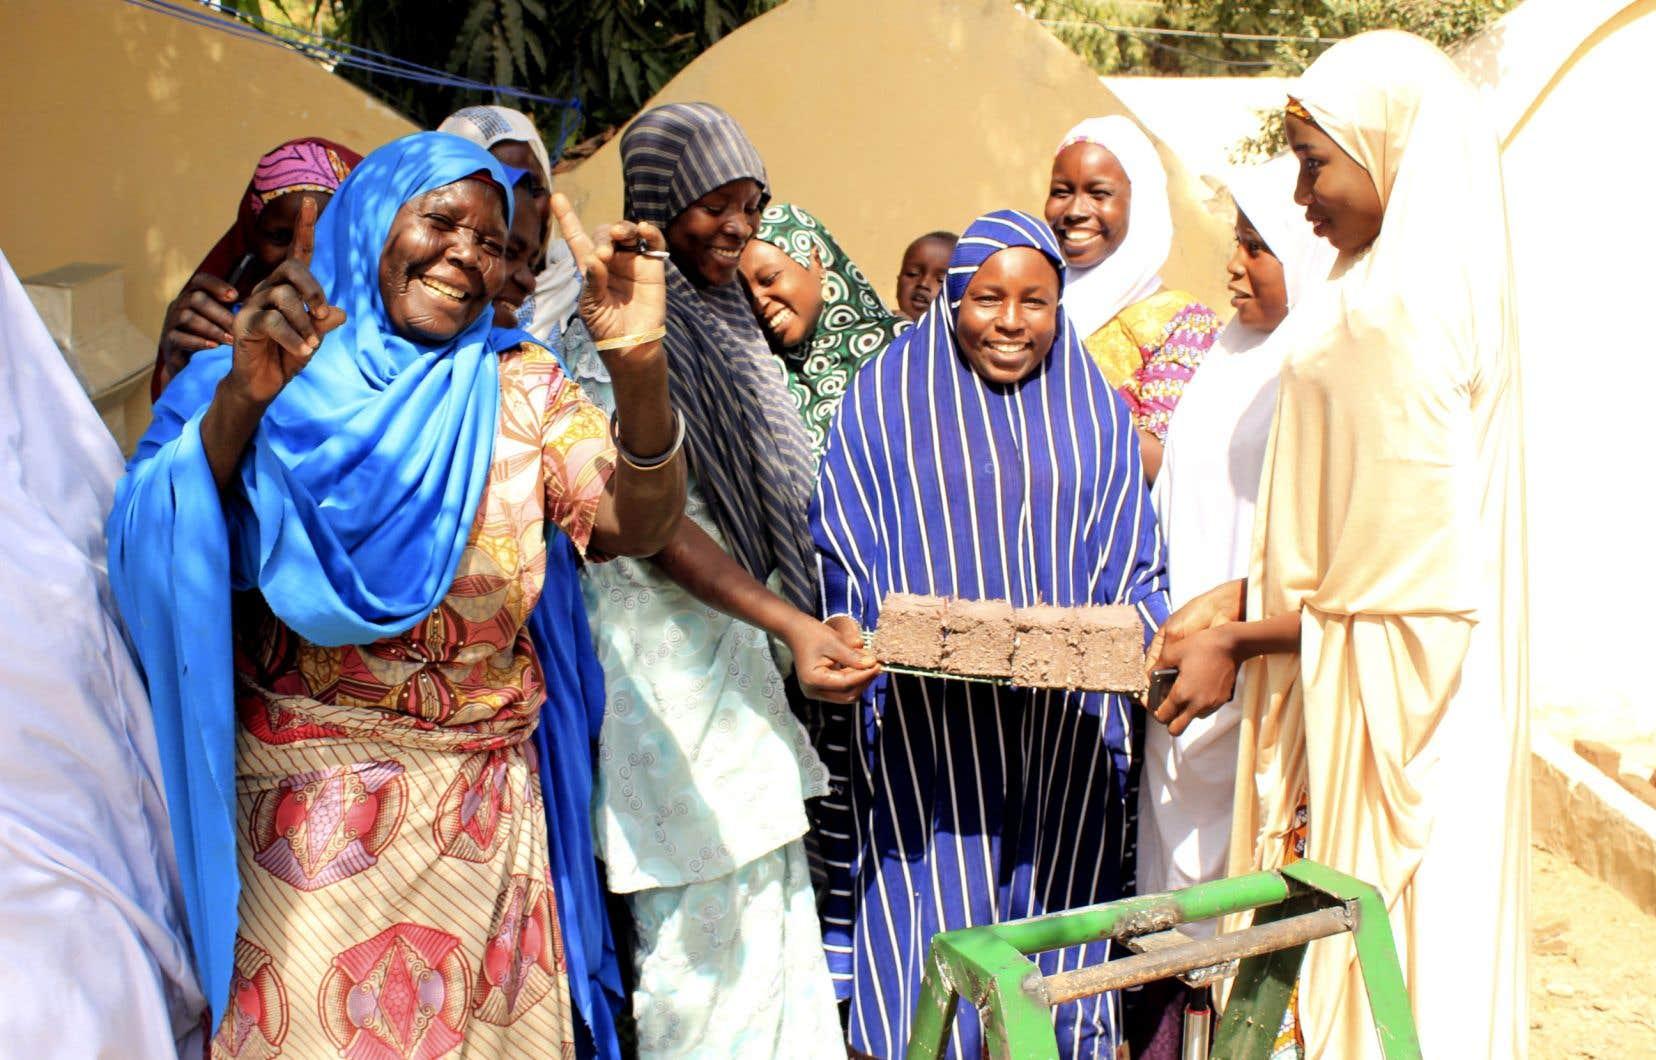 L'ONG nigériane Gender Equality, Peace and Development Centre, appuyée par l'Œuvre Léger, a lancé un programme de fabrication de briquettes à partir de résidus de biomasse recueillis sur place, dans les camps de réfugiés, au Nigeria.